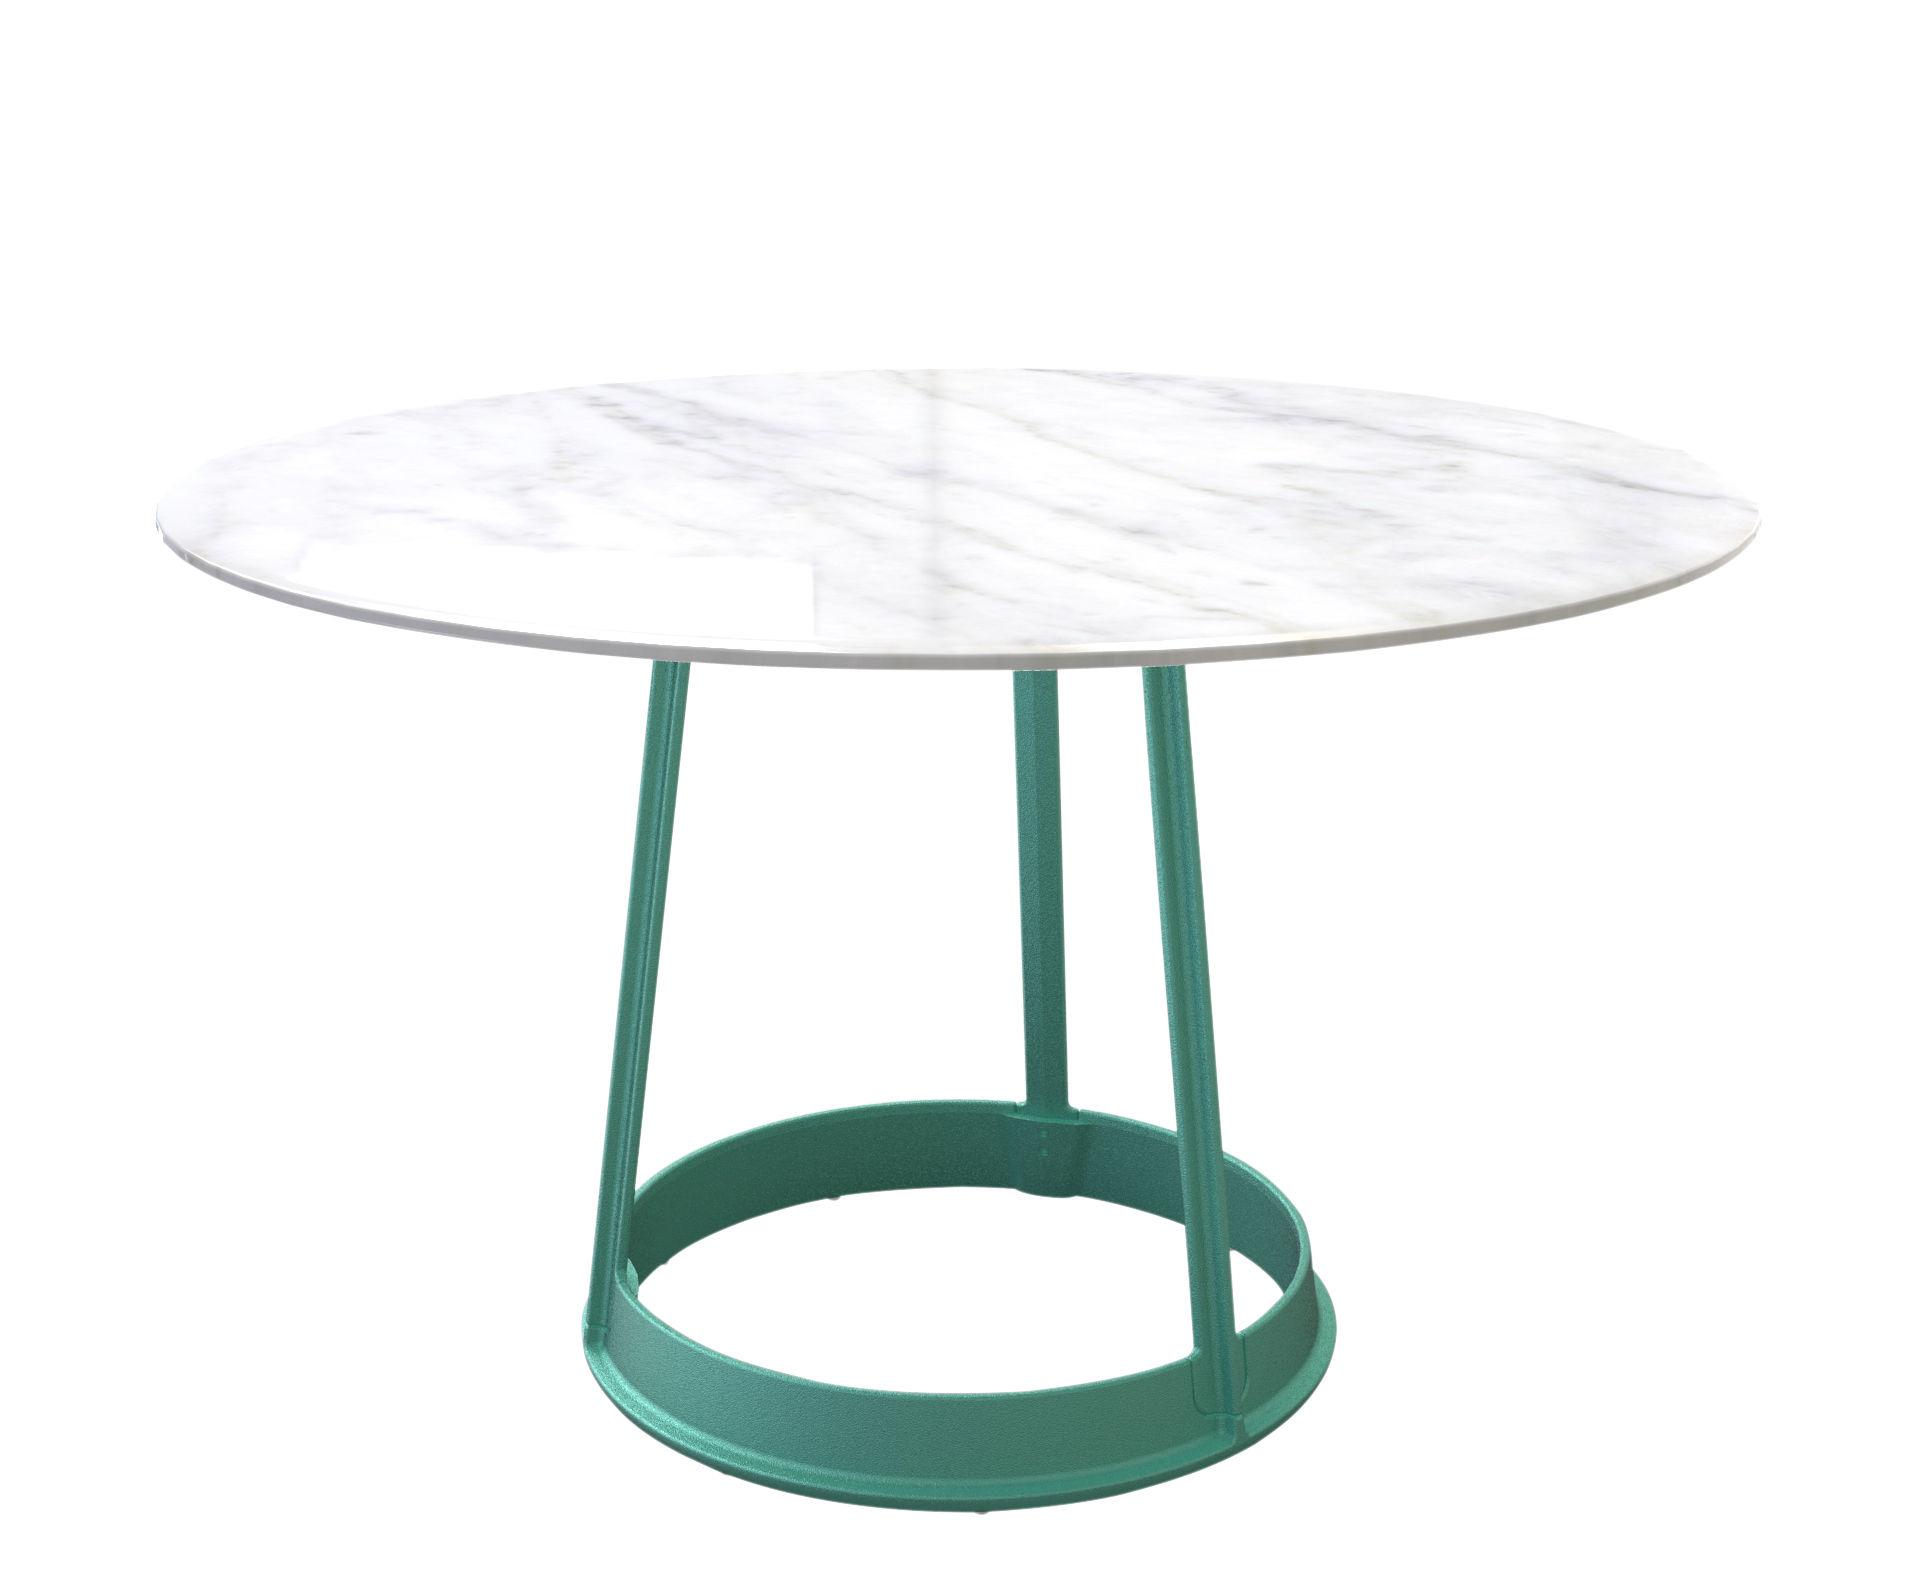 Runder Tisch Brut Von Magis Weisser Marmor Tischgestell Grun H